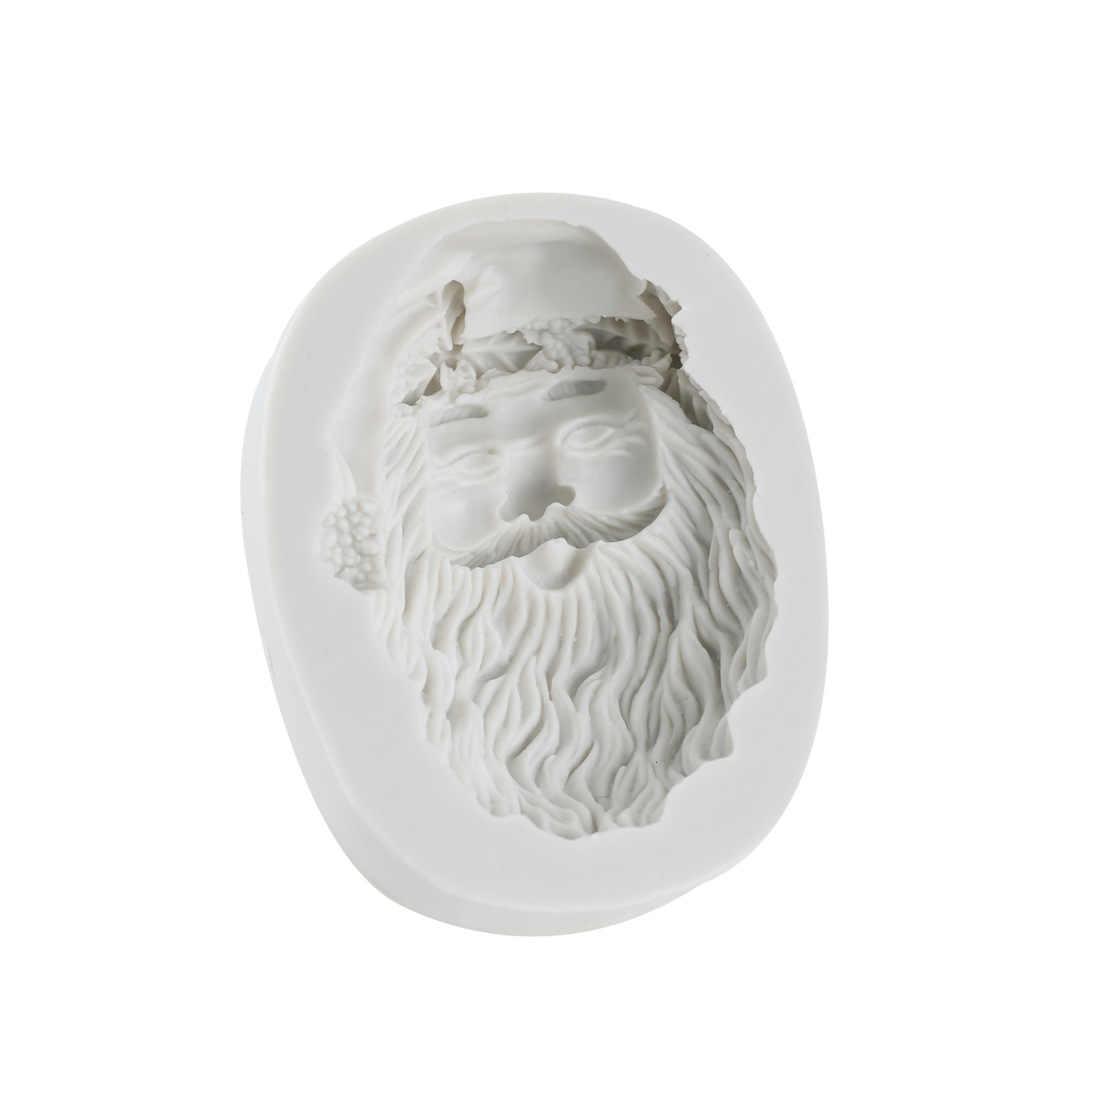 סיליקון תבניות עבור שרף סנטה קלאוס עובש 3d קיר פנל עיצוב DIY UV בטון תכשיטי אביזרי יצק חימר עובש